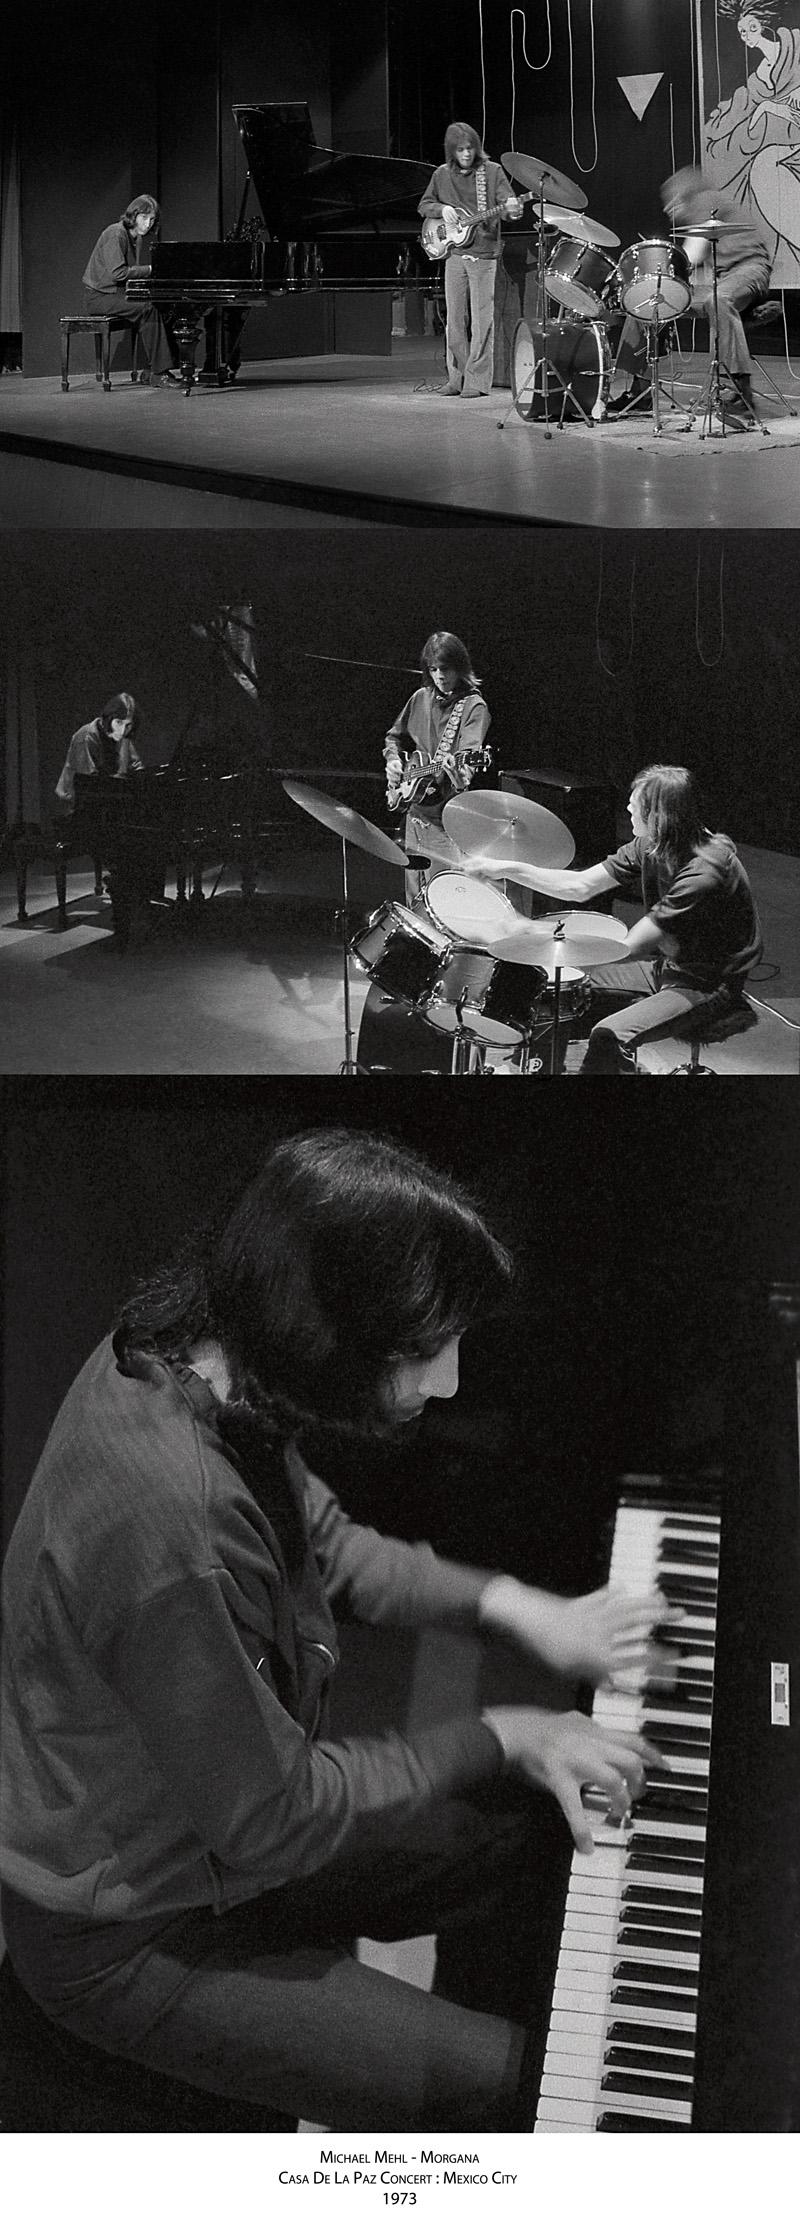 1973_Michael-Mehl_Morgana_Casa-De-La-Paz-Concert_Mexico-City_01